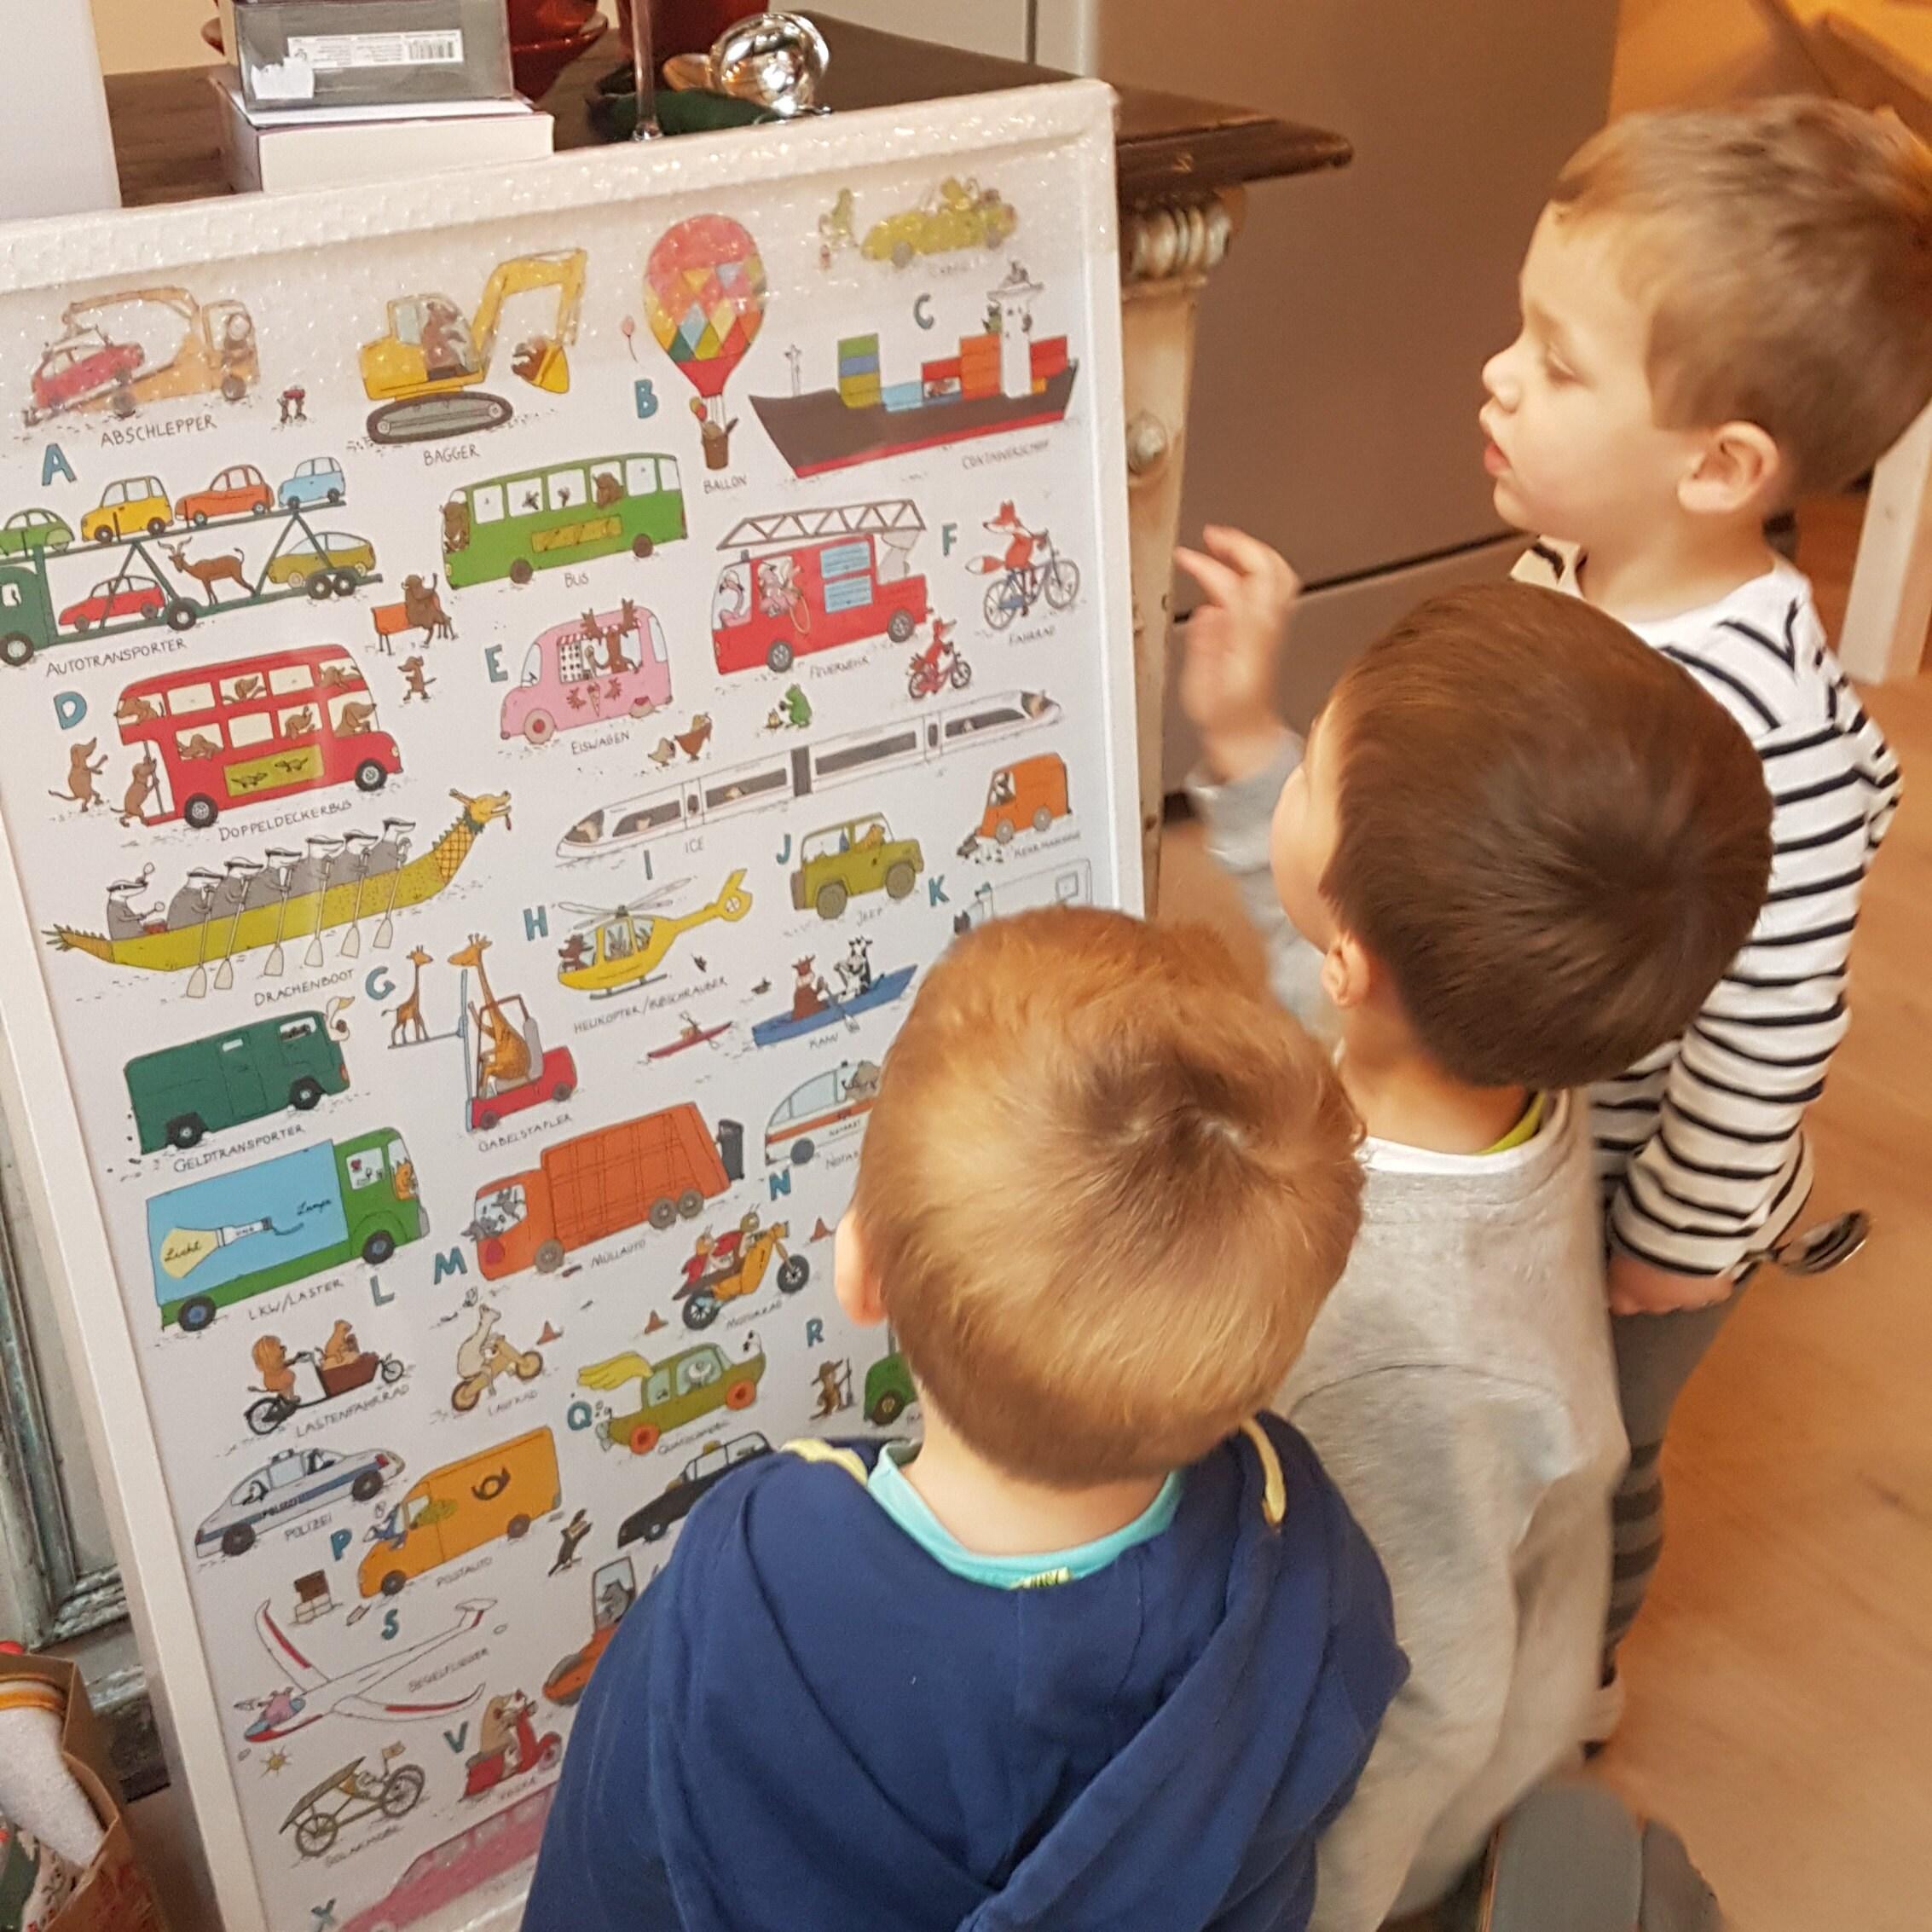 Edda added a photo of their purchase